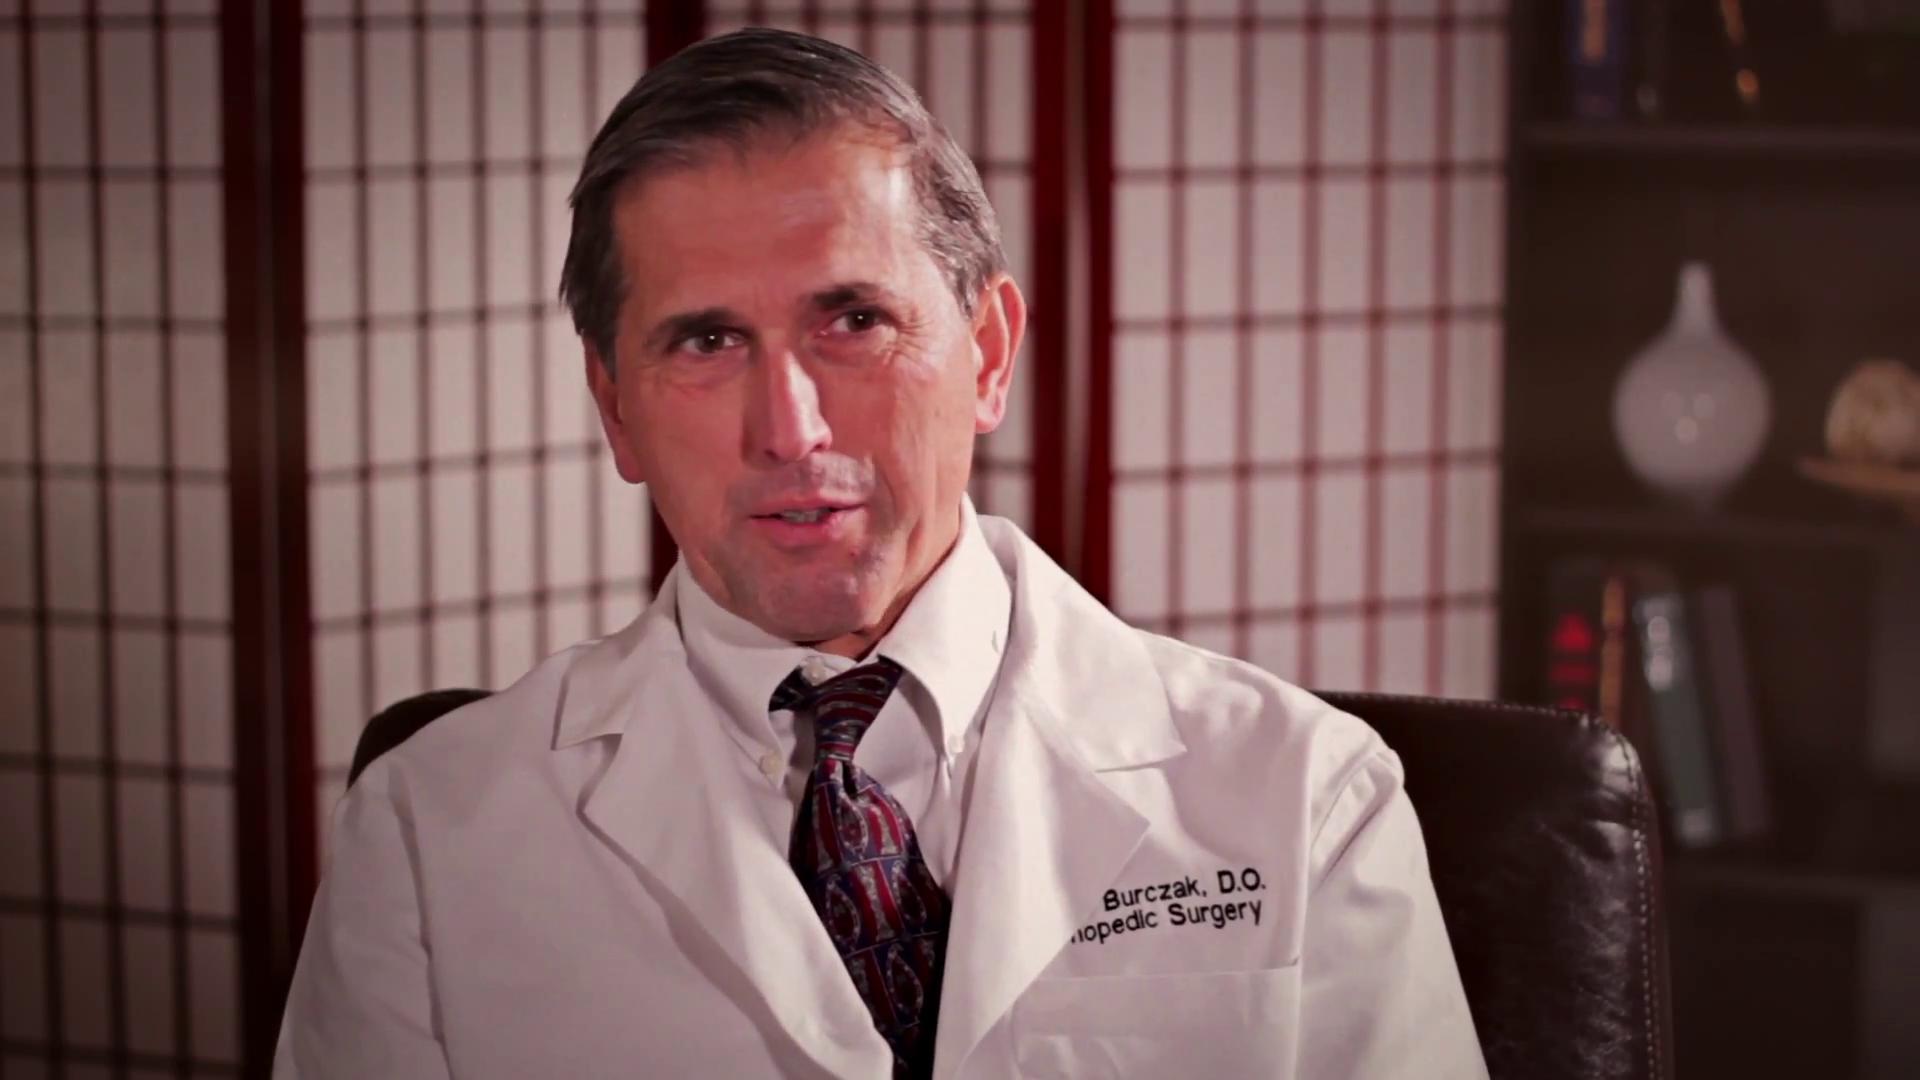 Dr. Burczak talks about his practice